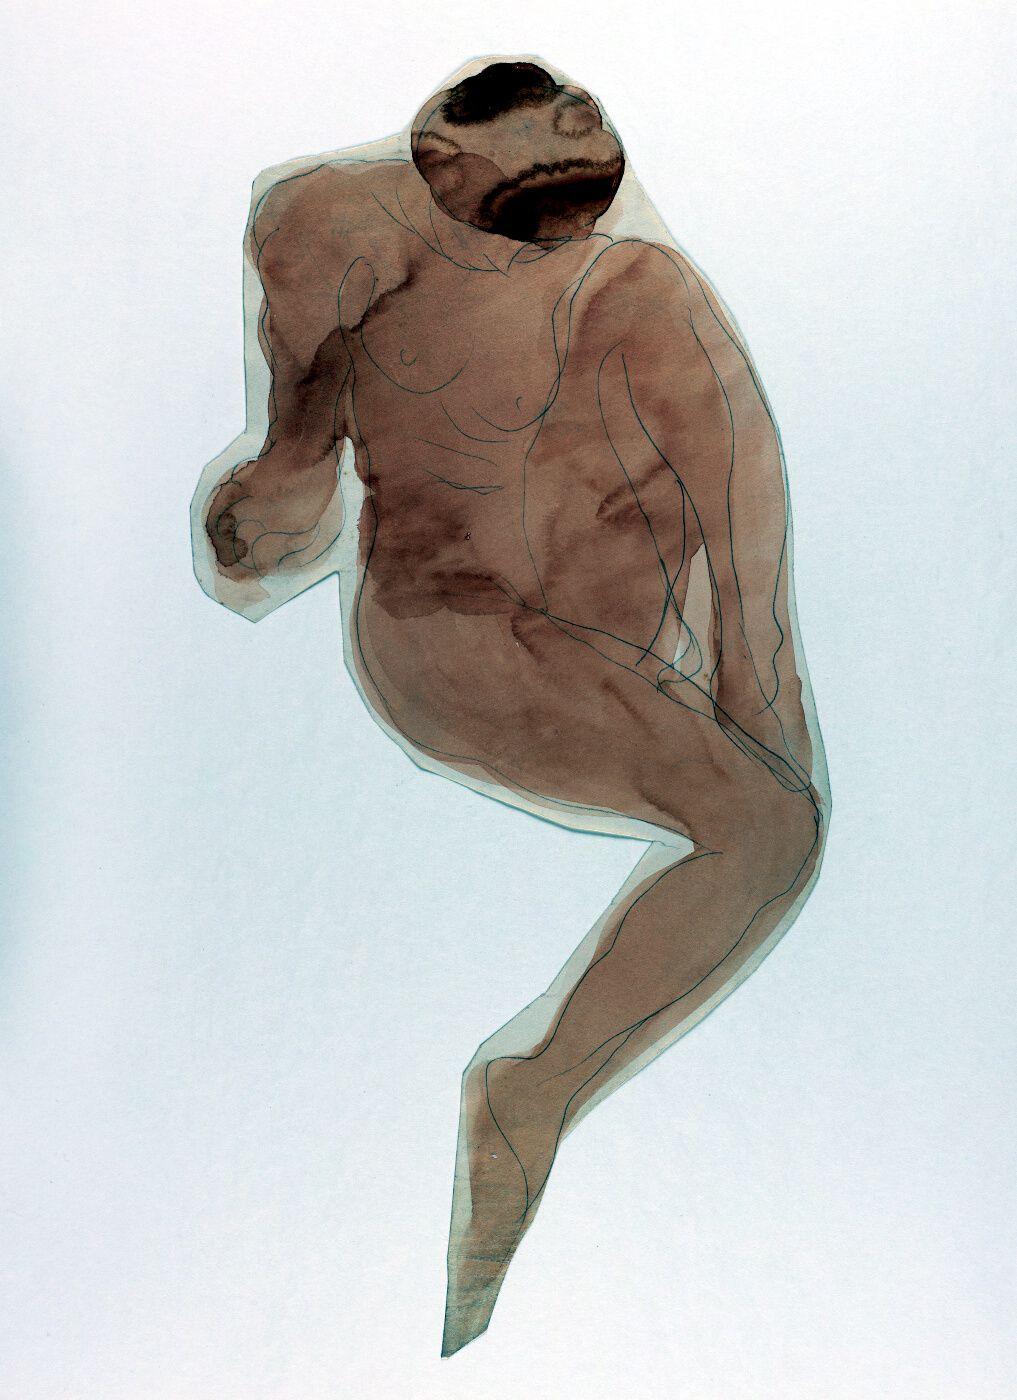 Mujer desnuda semirrecostada con una pierna doblada